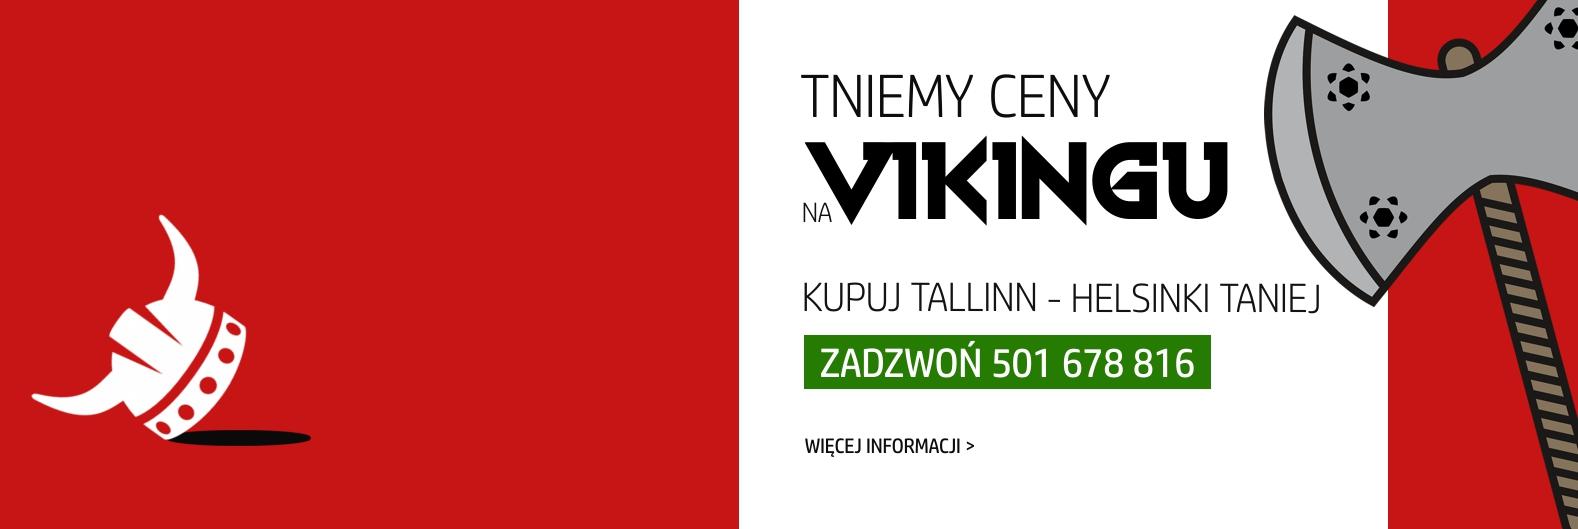 PROM TALLINN HELSINKI VIKING LINE